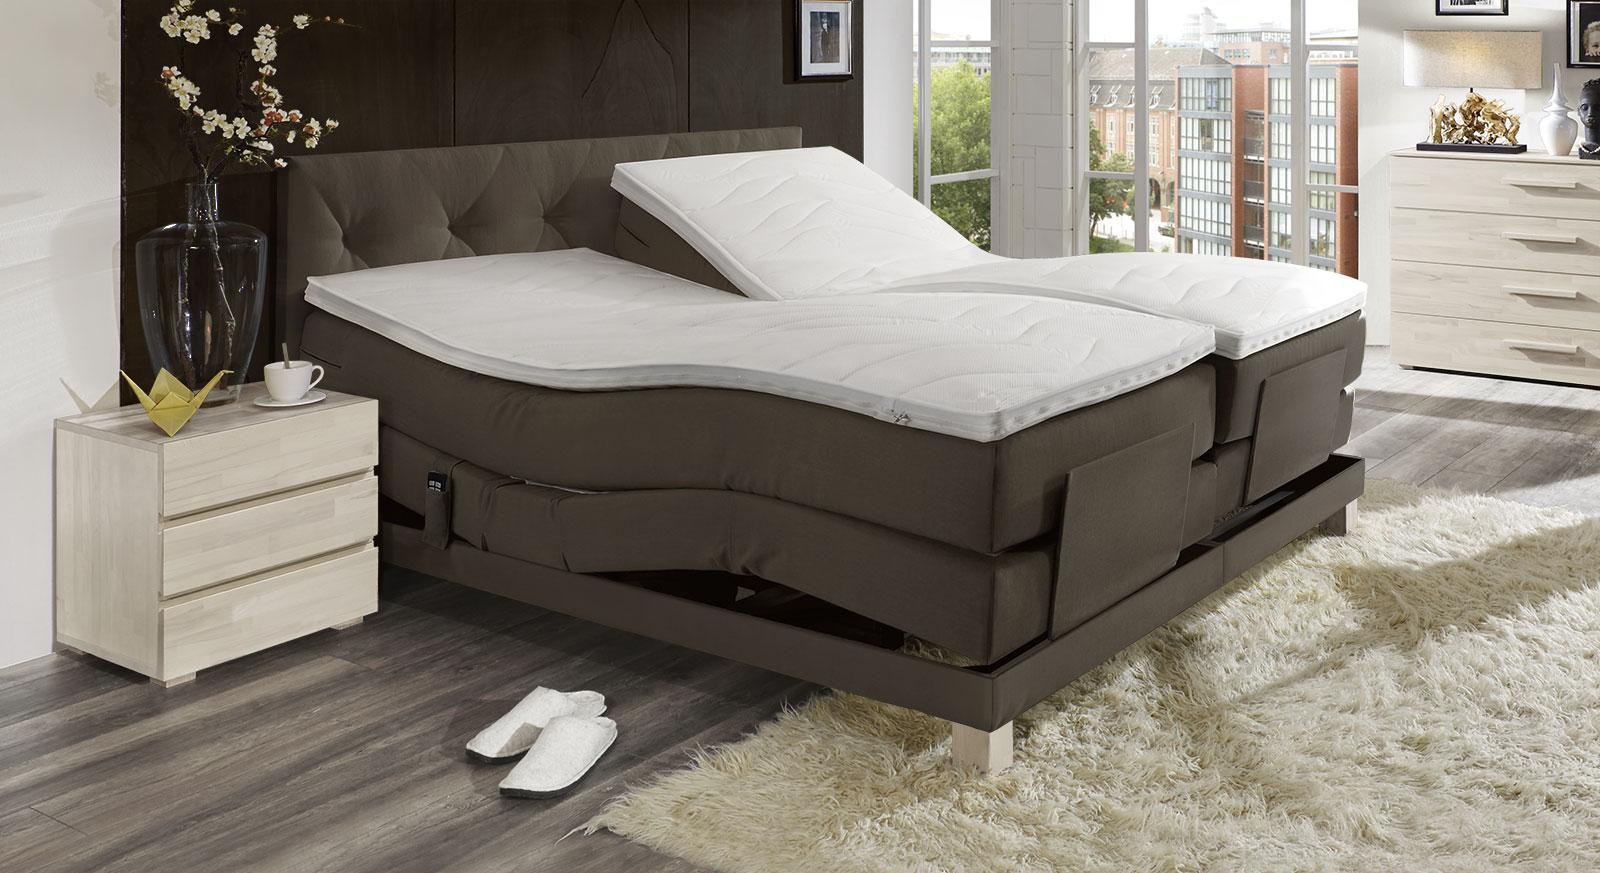 Seniorengerechte Betten Was Sie Beim Kauf Beachten Sollten